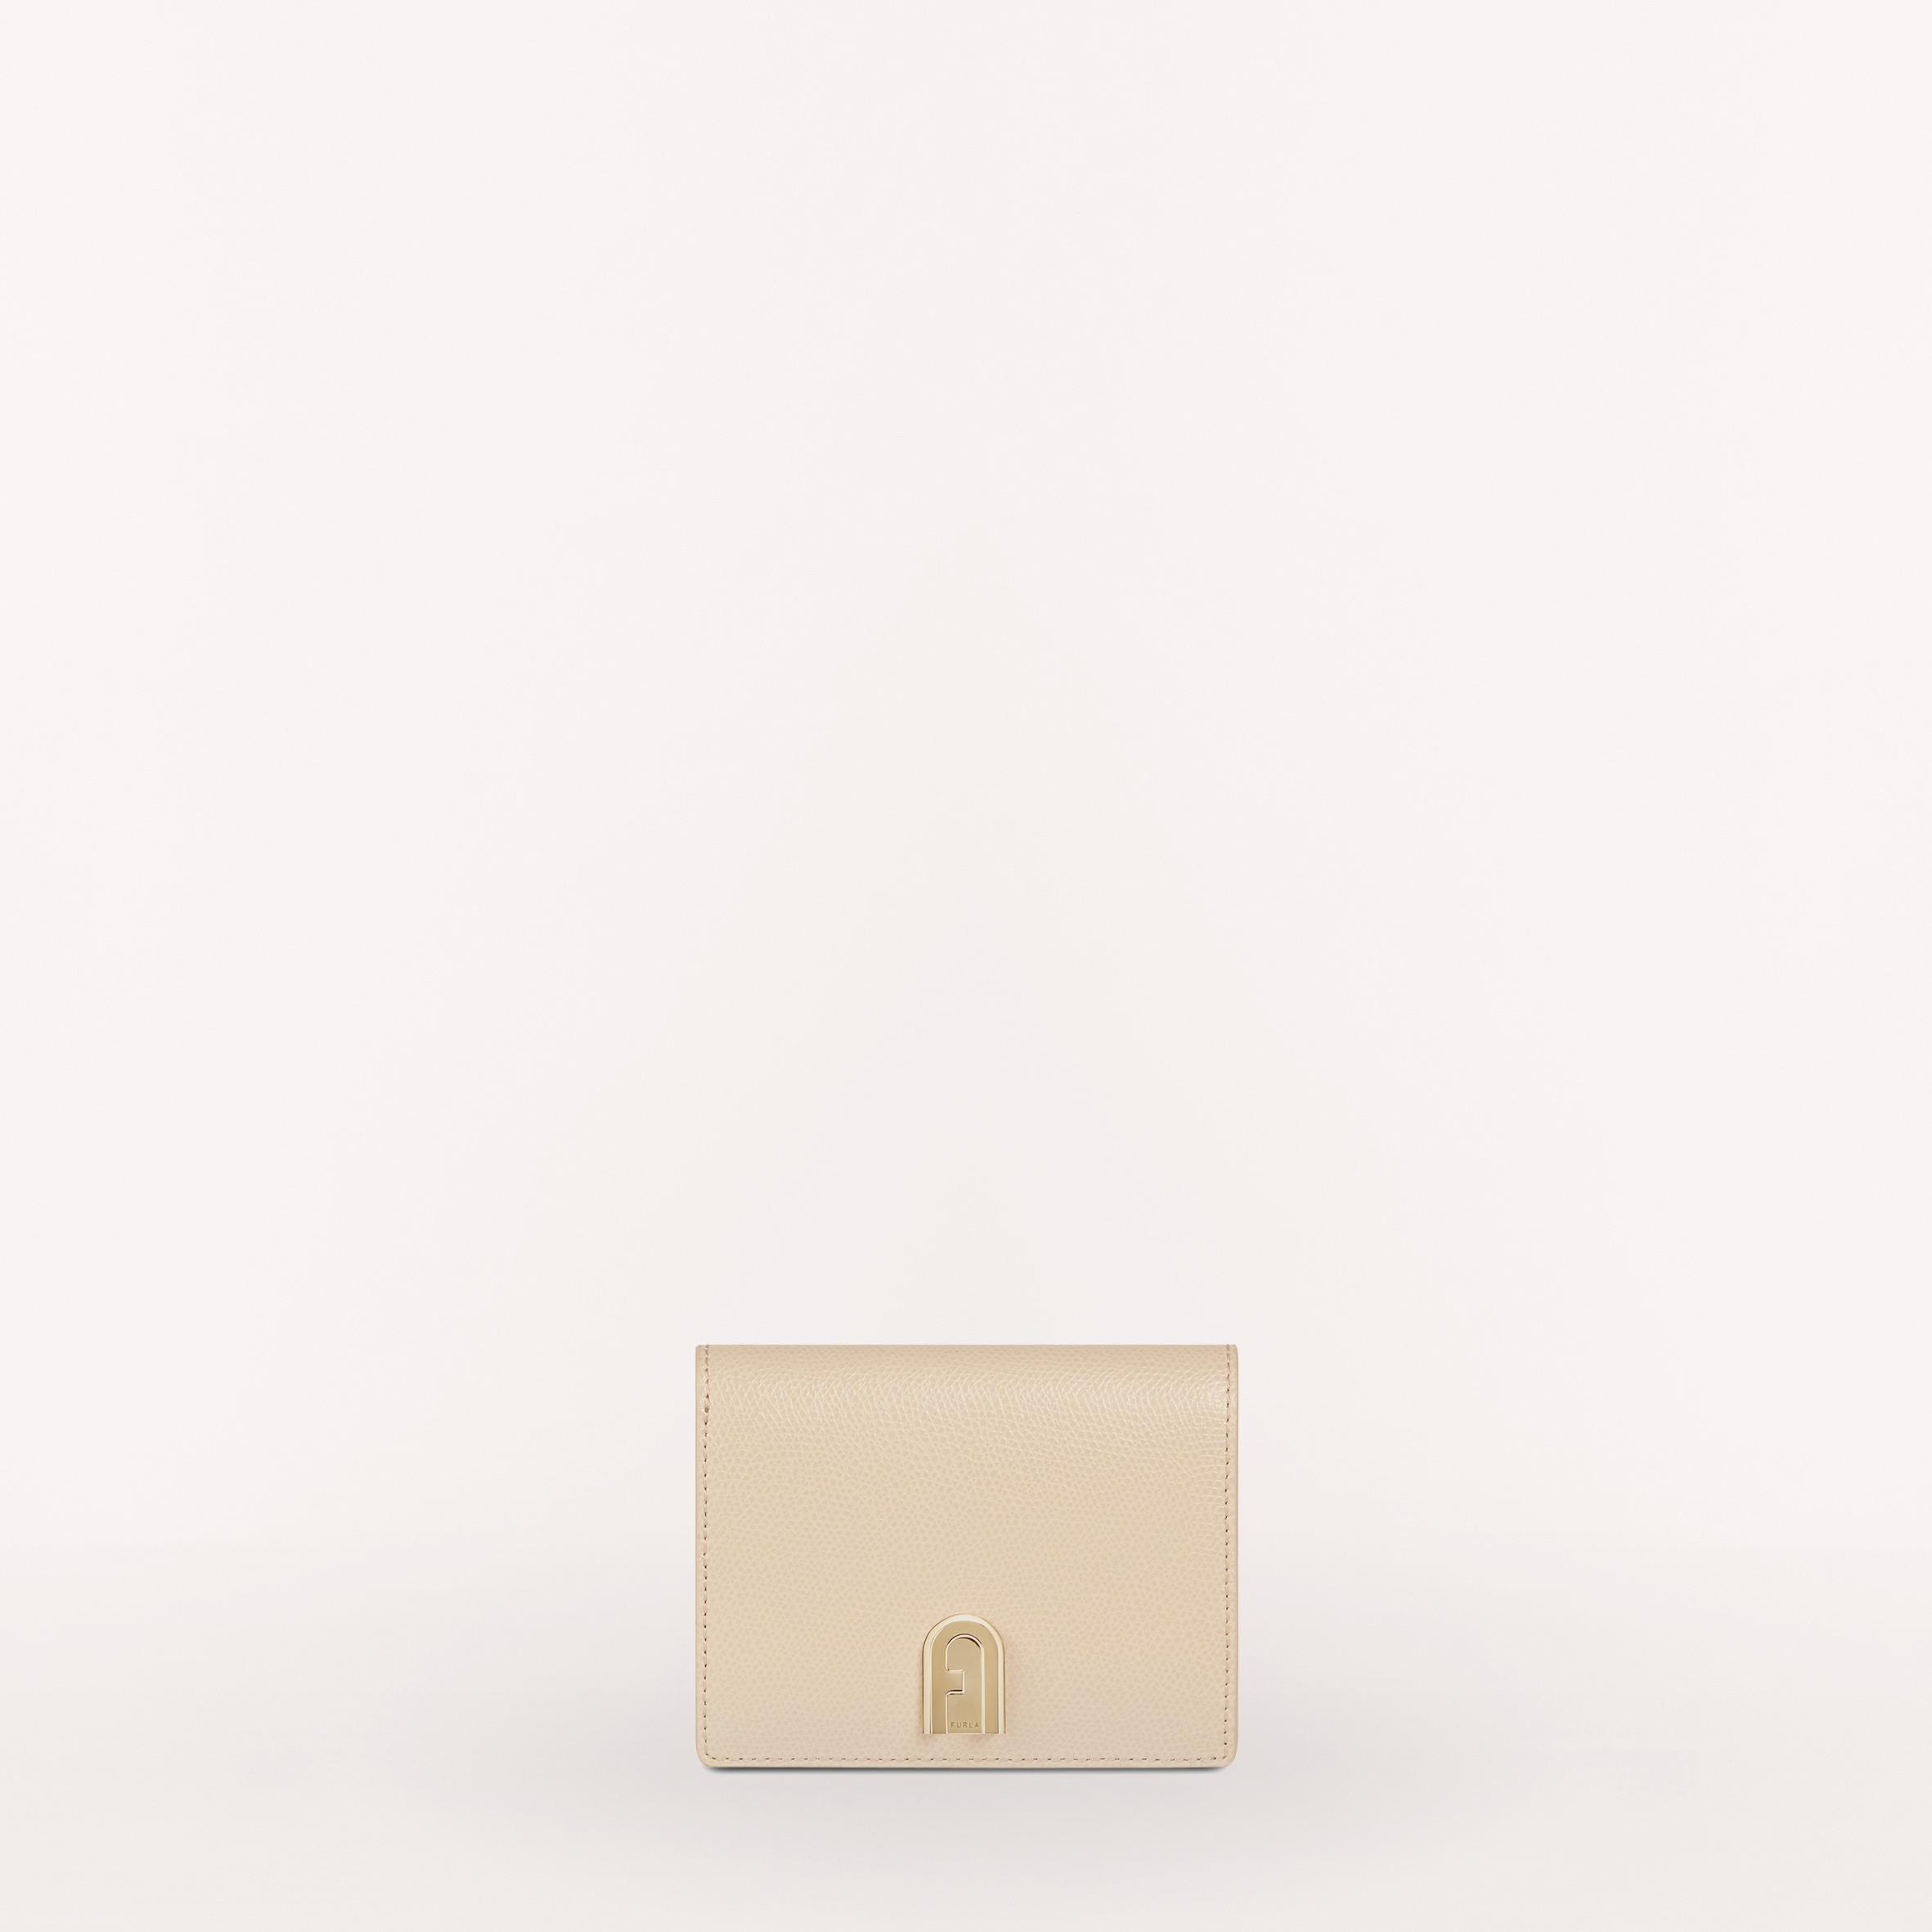 Portefeuille Compact - Furla - Modalova